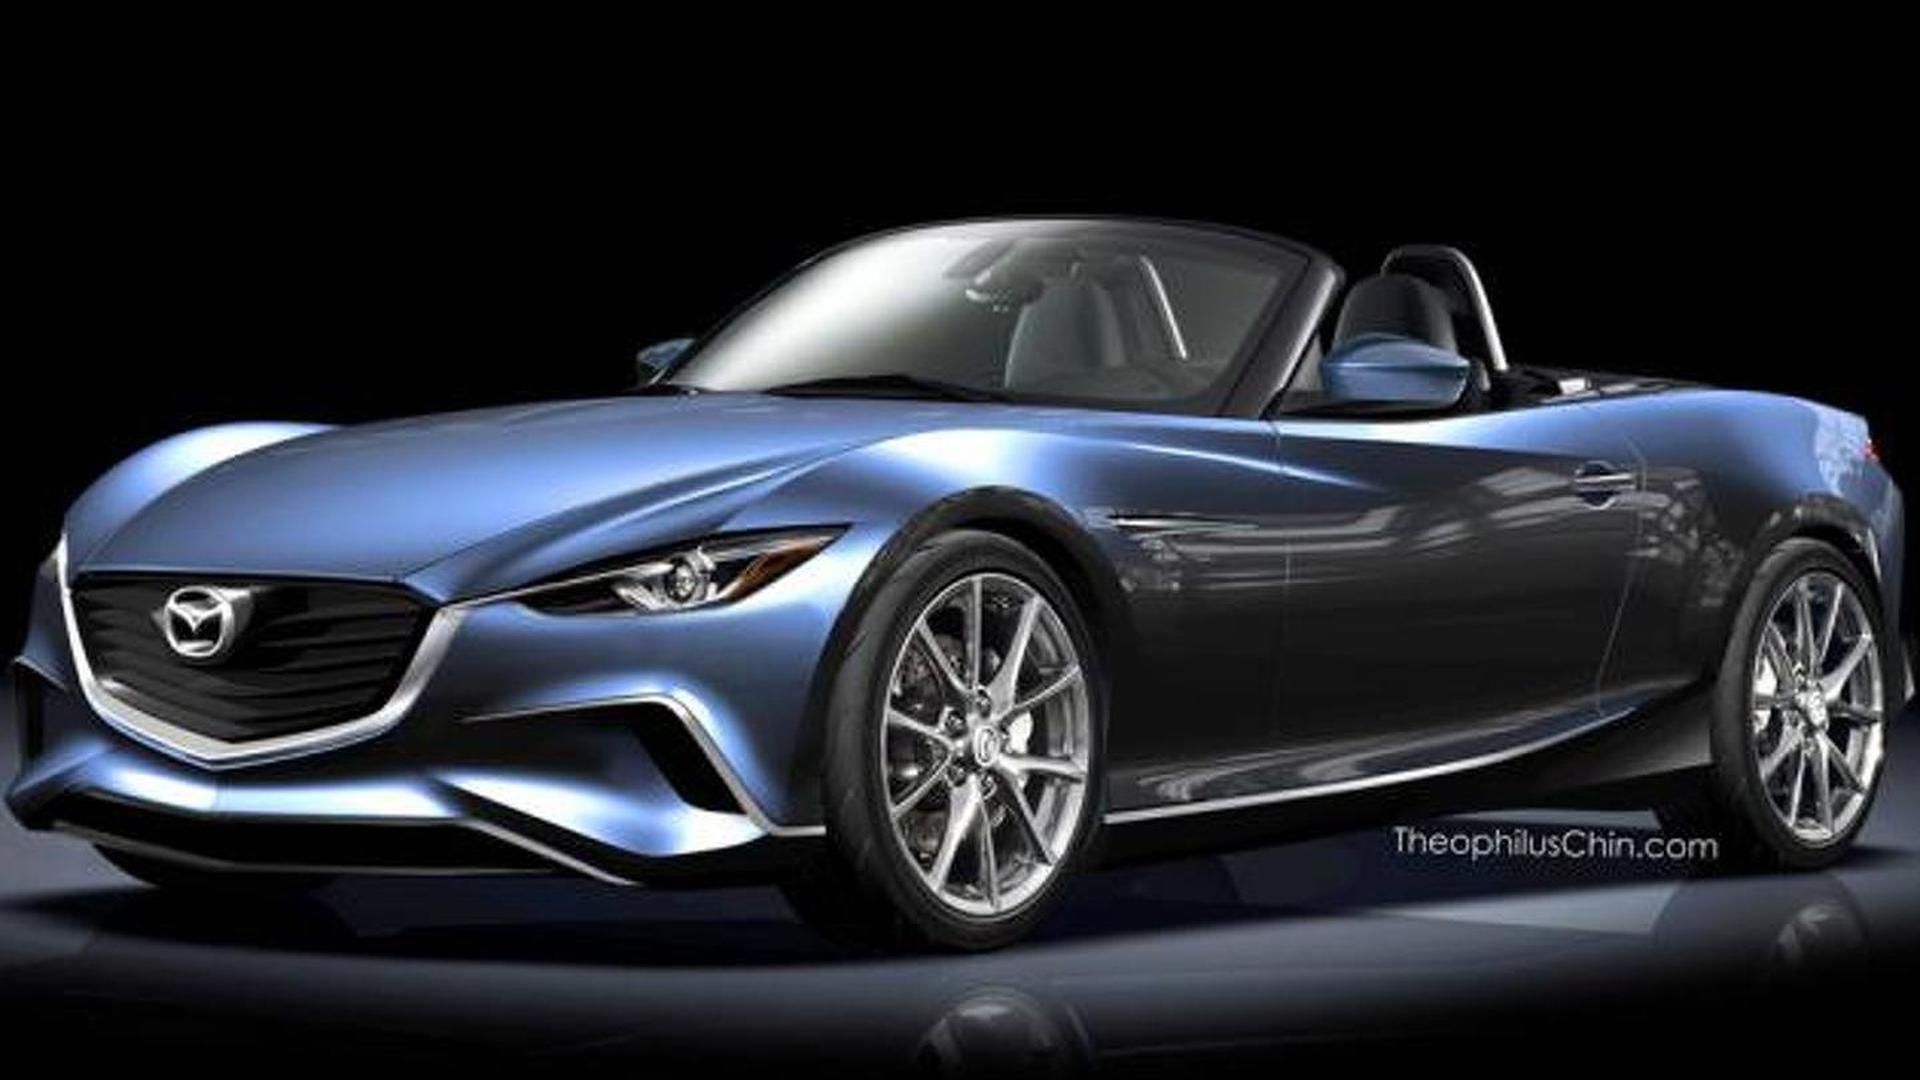 2015 Mazda MX-5 render looks sublime